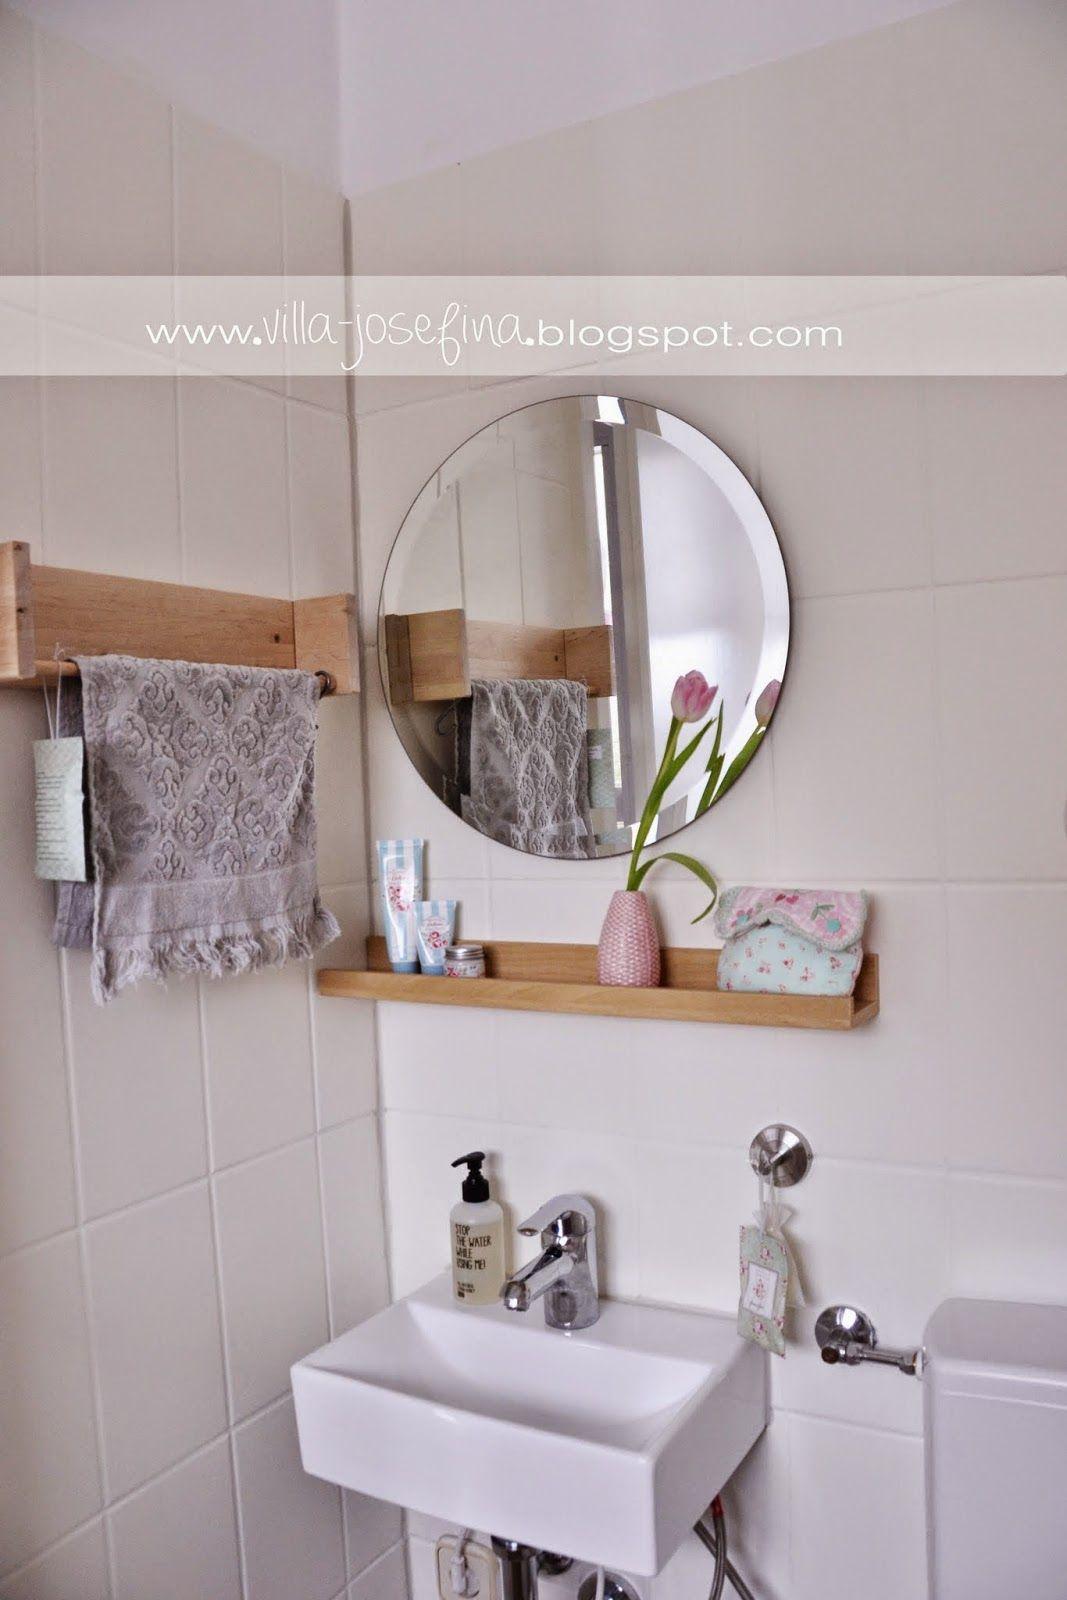 Bekannt Kann man Fliesen streichen? {DiY Gäste-WC aufhübschen | einrichten EE63